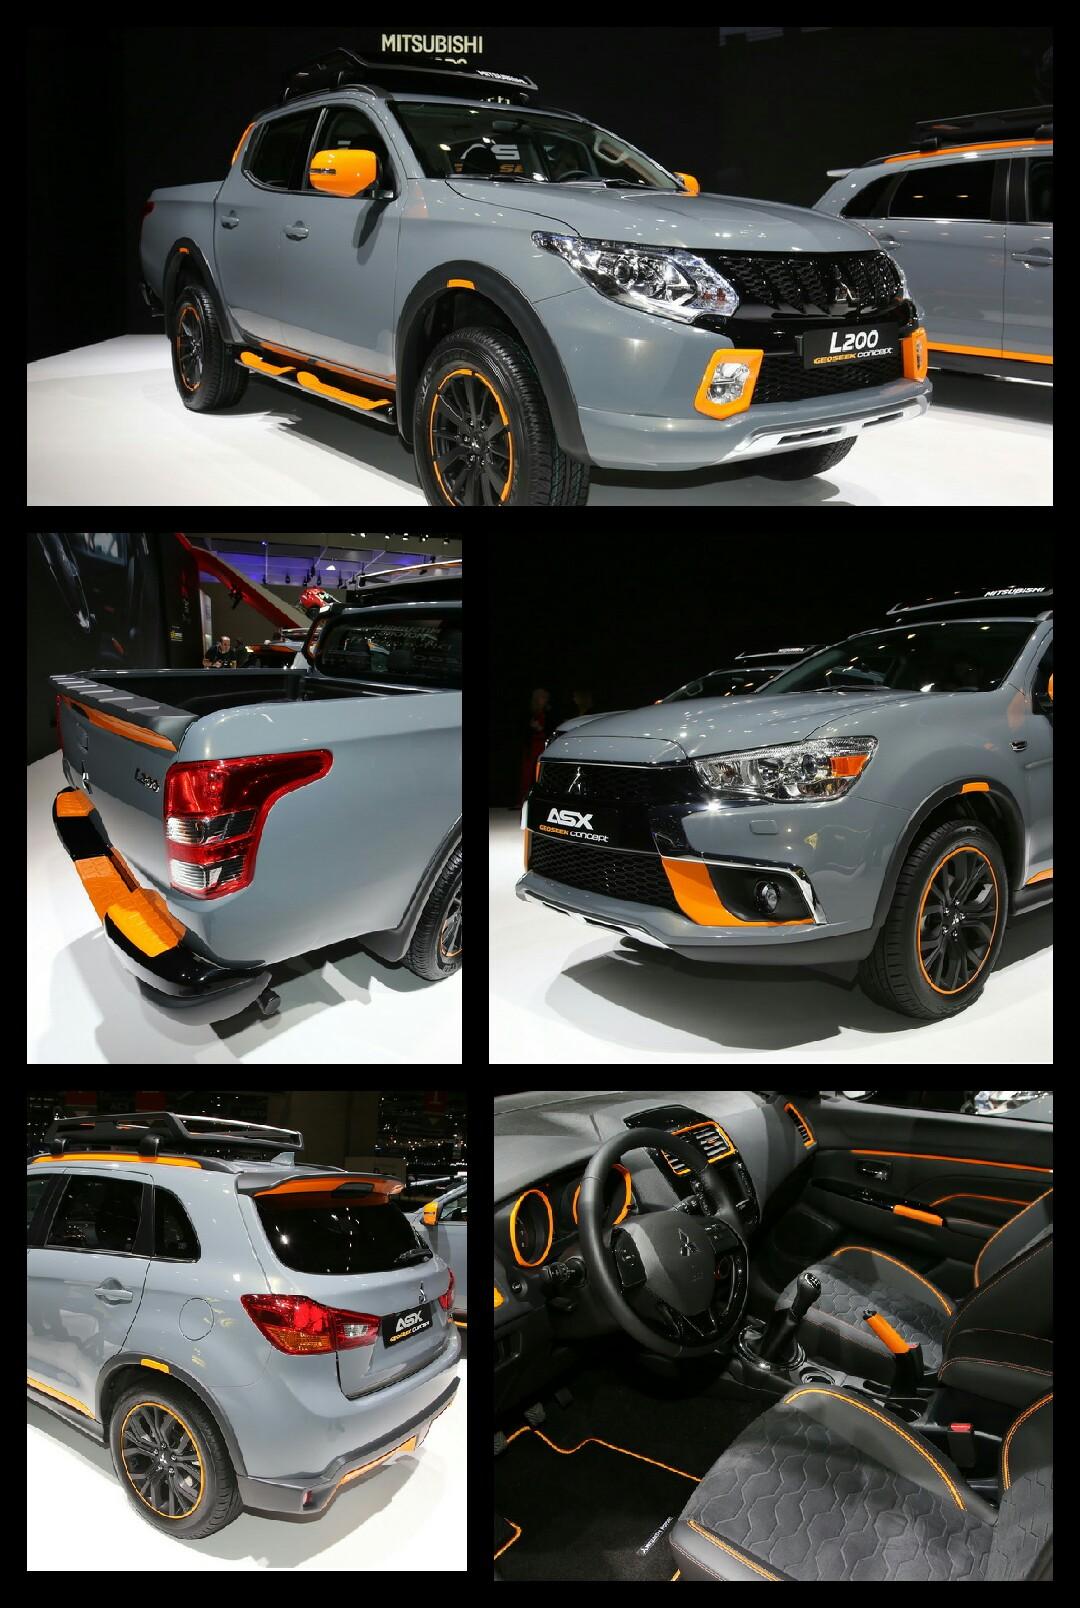 三菱自動車 2016ジュネーブ トライトン asx RVR